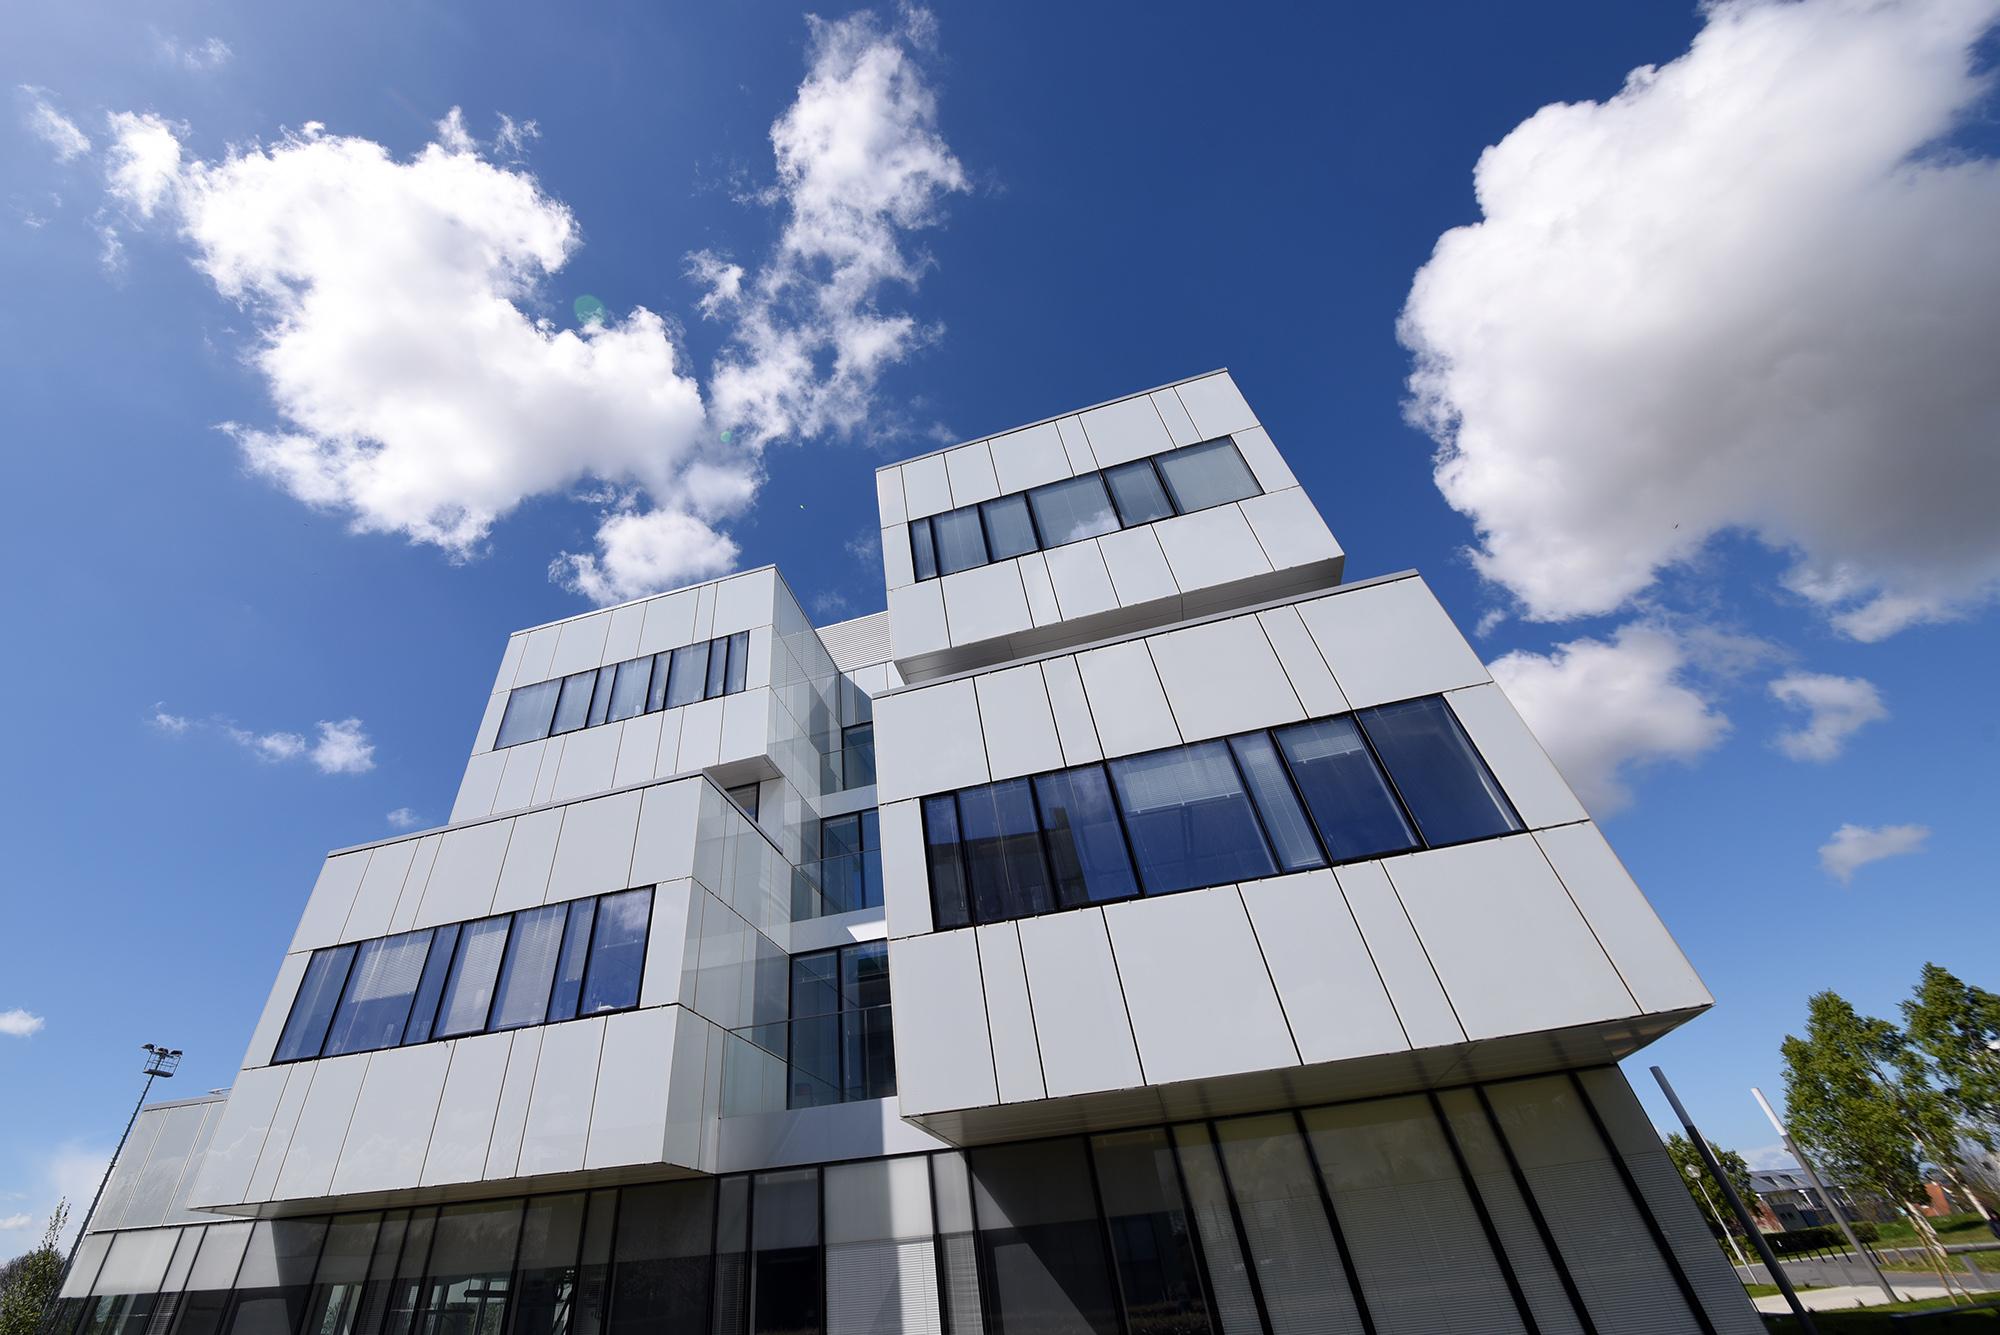 Inauguration de la reconstruction de deux laboratoires de recherche : le CIMAP et le GREYC